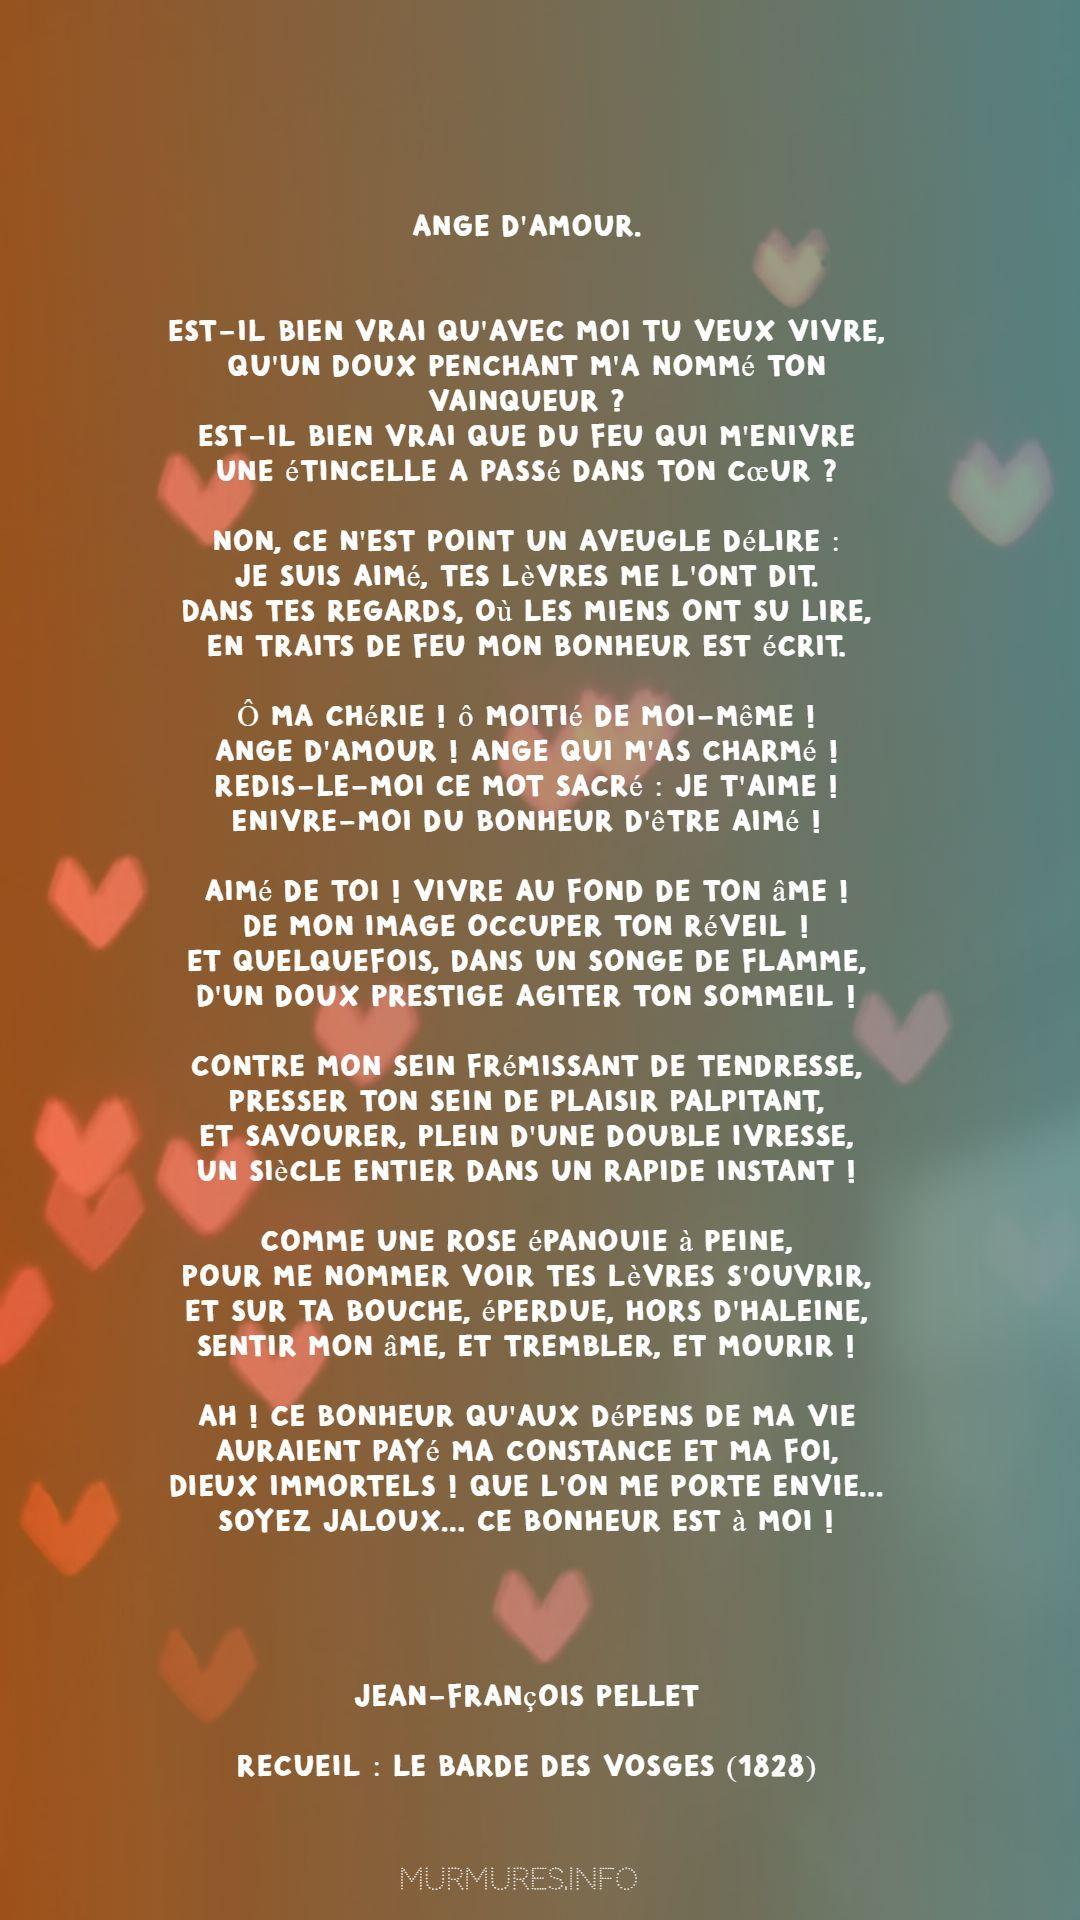 Ma Vie N'est Qu'un Instant : n'est, qu'un, instant, Poèmes, D'amour, Murmures.info, Poème, D'amour,, Poeme, Romantique,